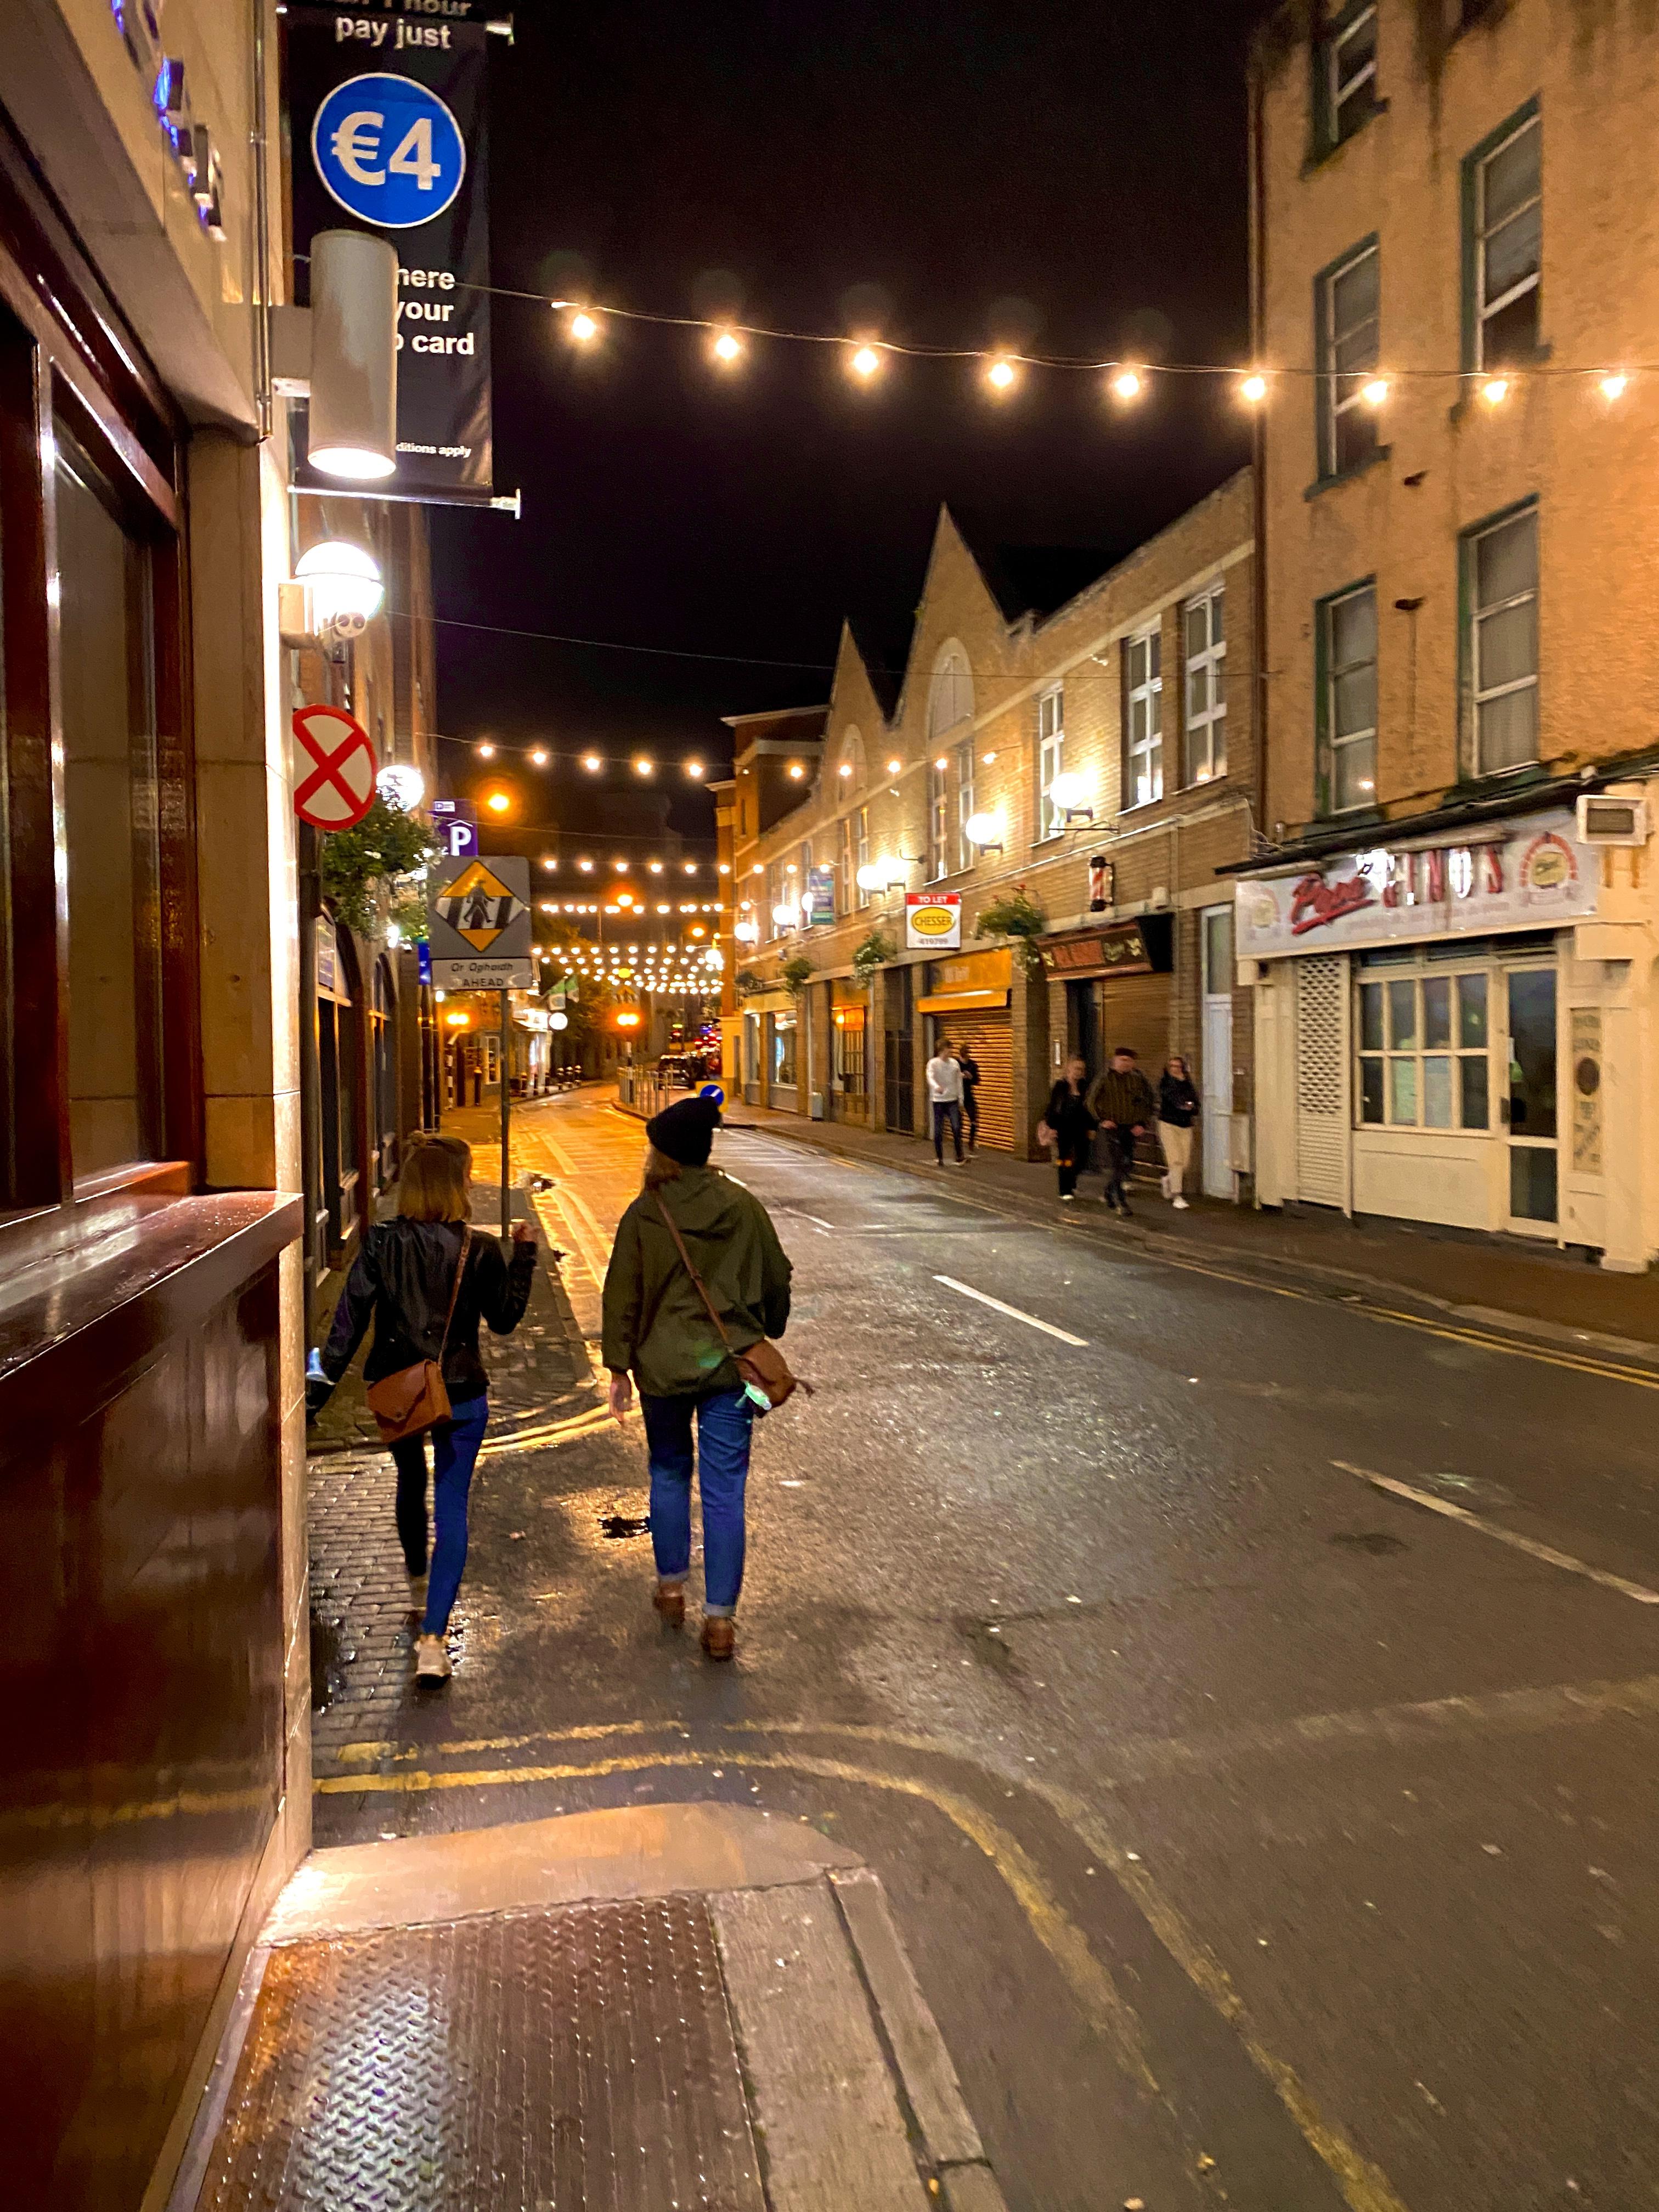 Als wir vom Pub nach Hause gelaufen sind war es schon dunkel. Dann sieht man wie ganz Limerick mit lauter Girlanden beleuchtet ist.